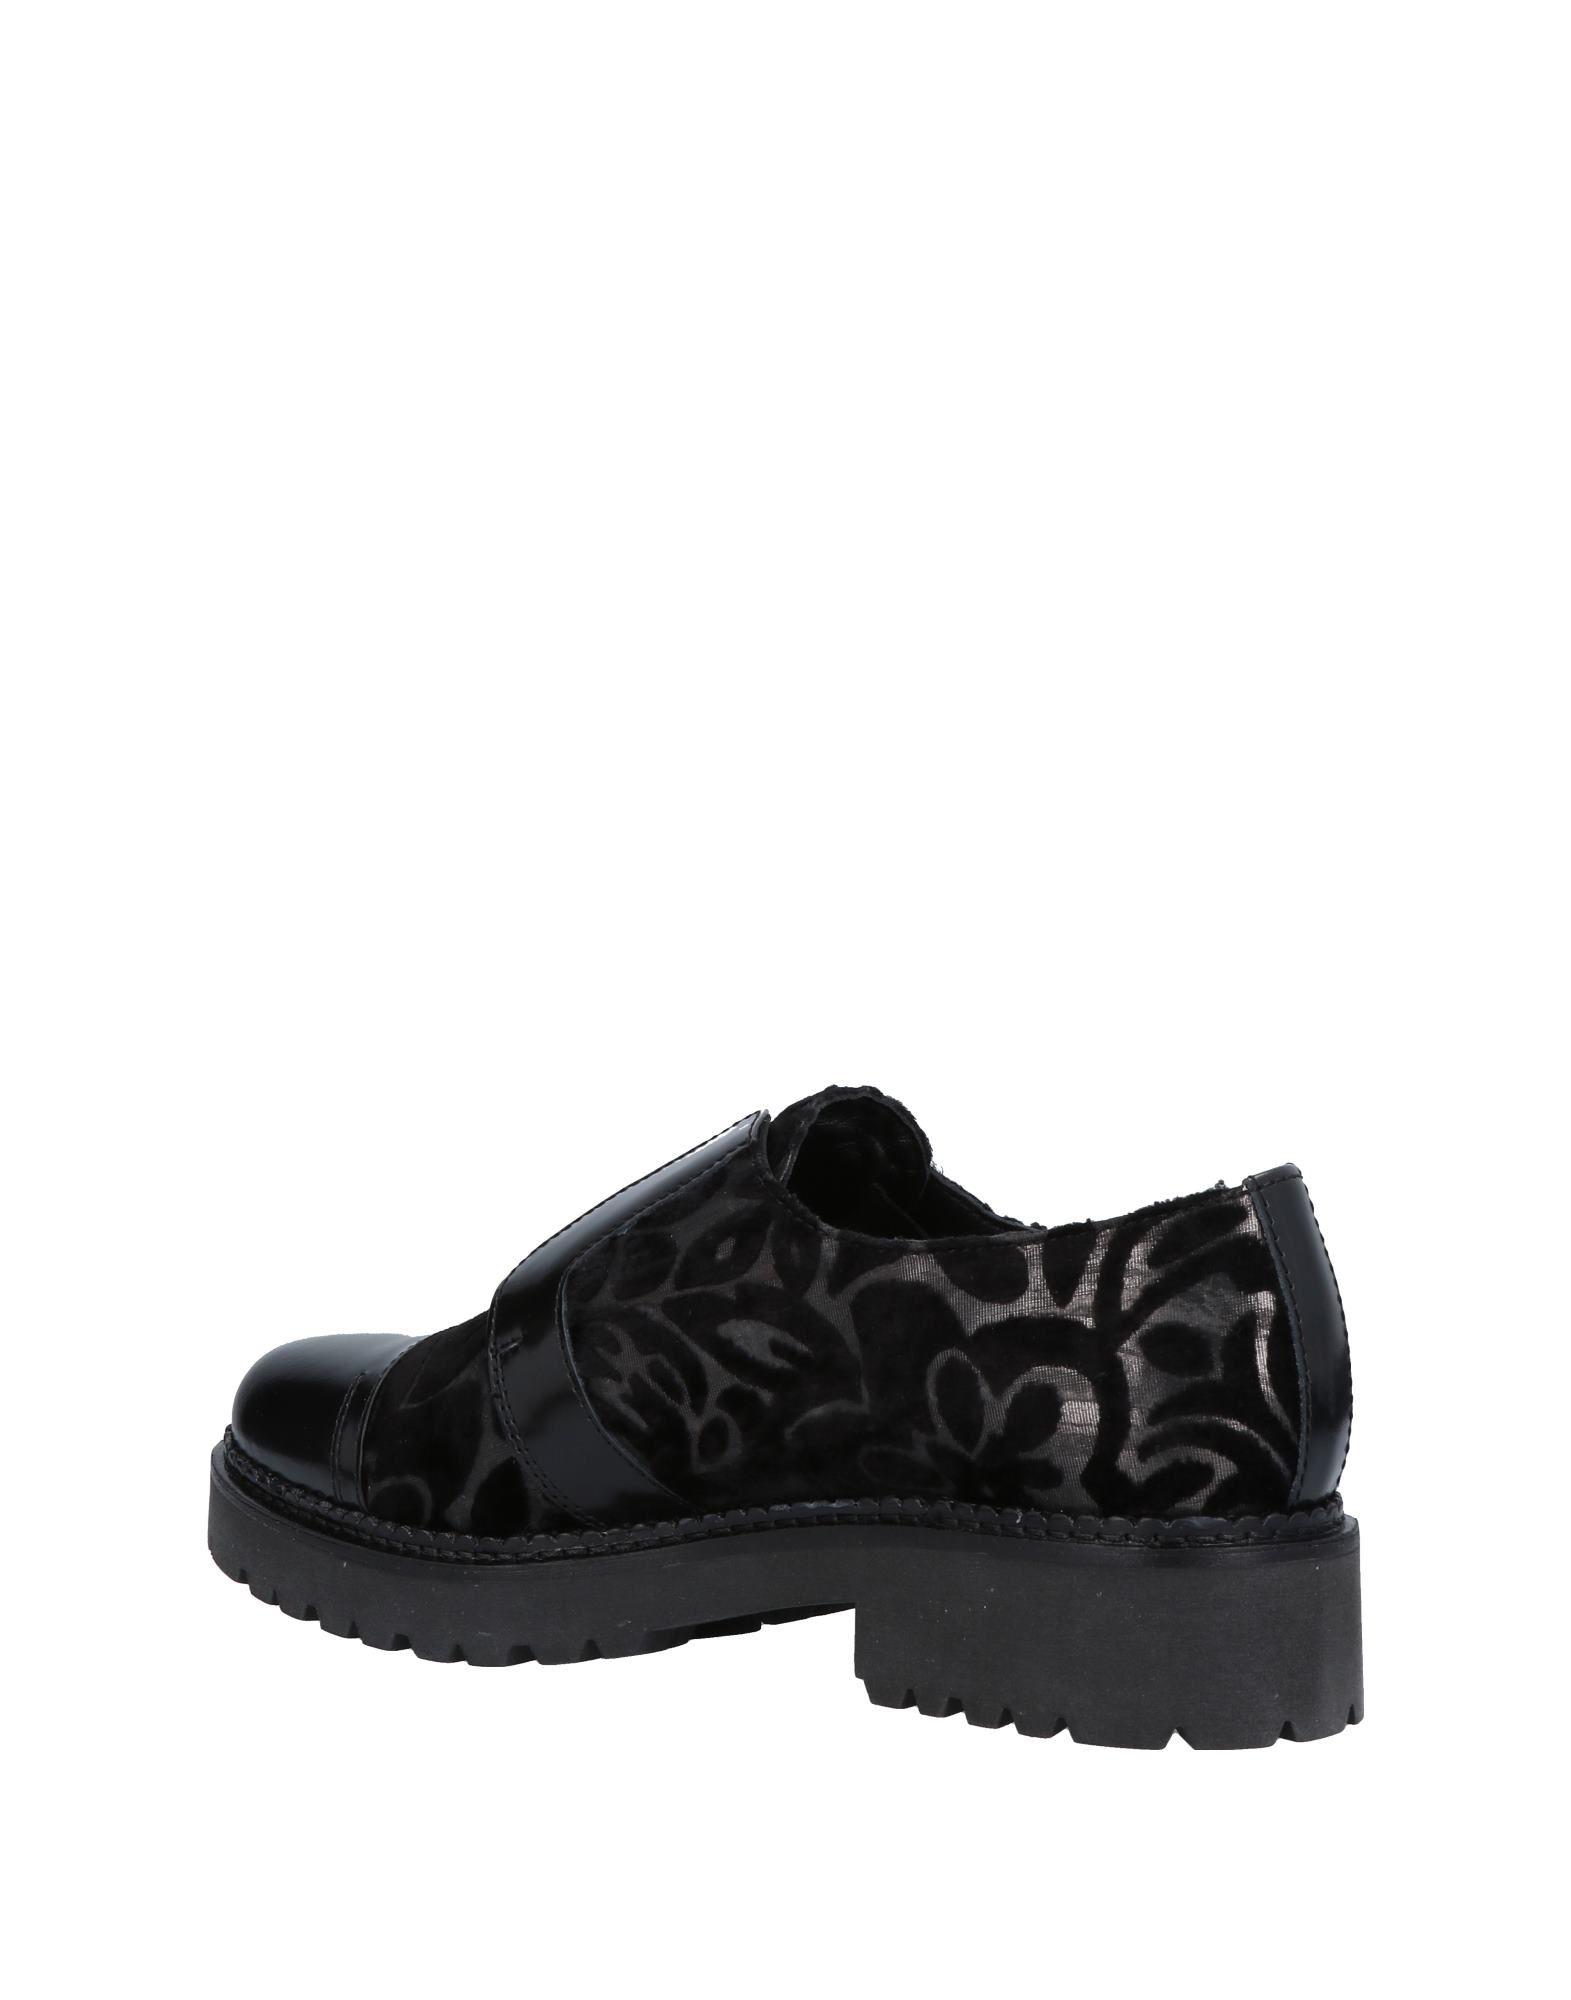 Apepazza Mokassins Damen beliebte  11467372UT Gute Qualität beliebte Damen Schuhe 911e1f